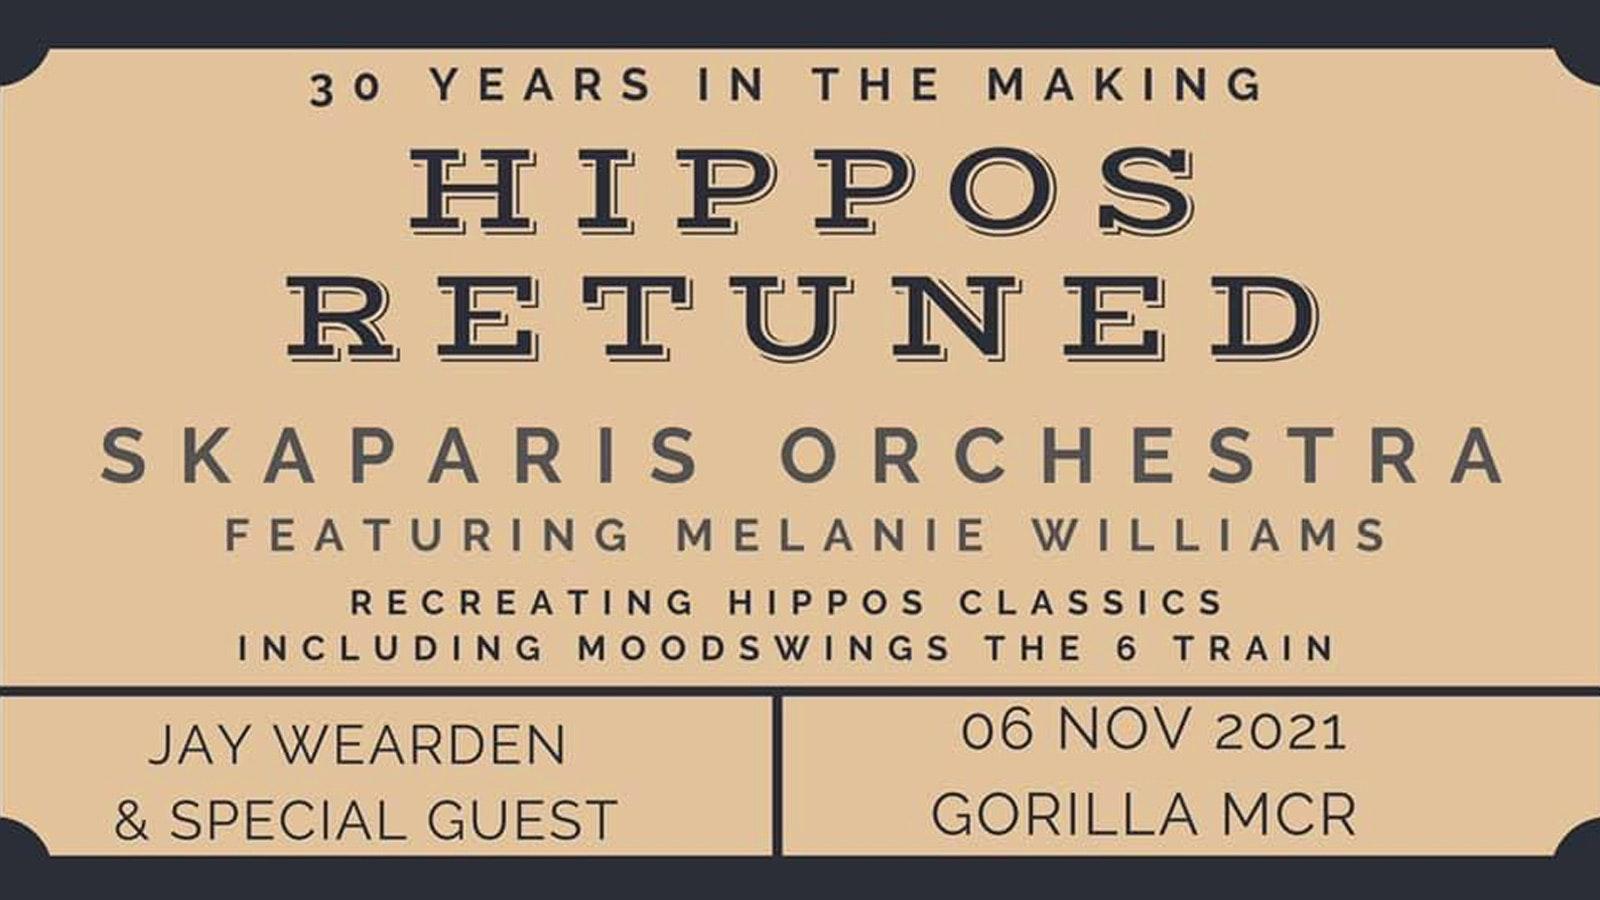 Hippos Retuned